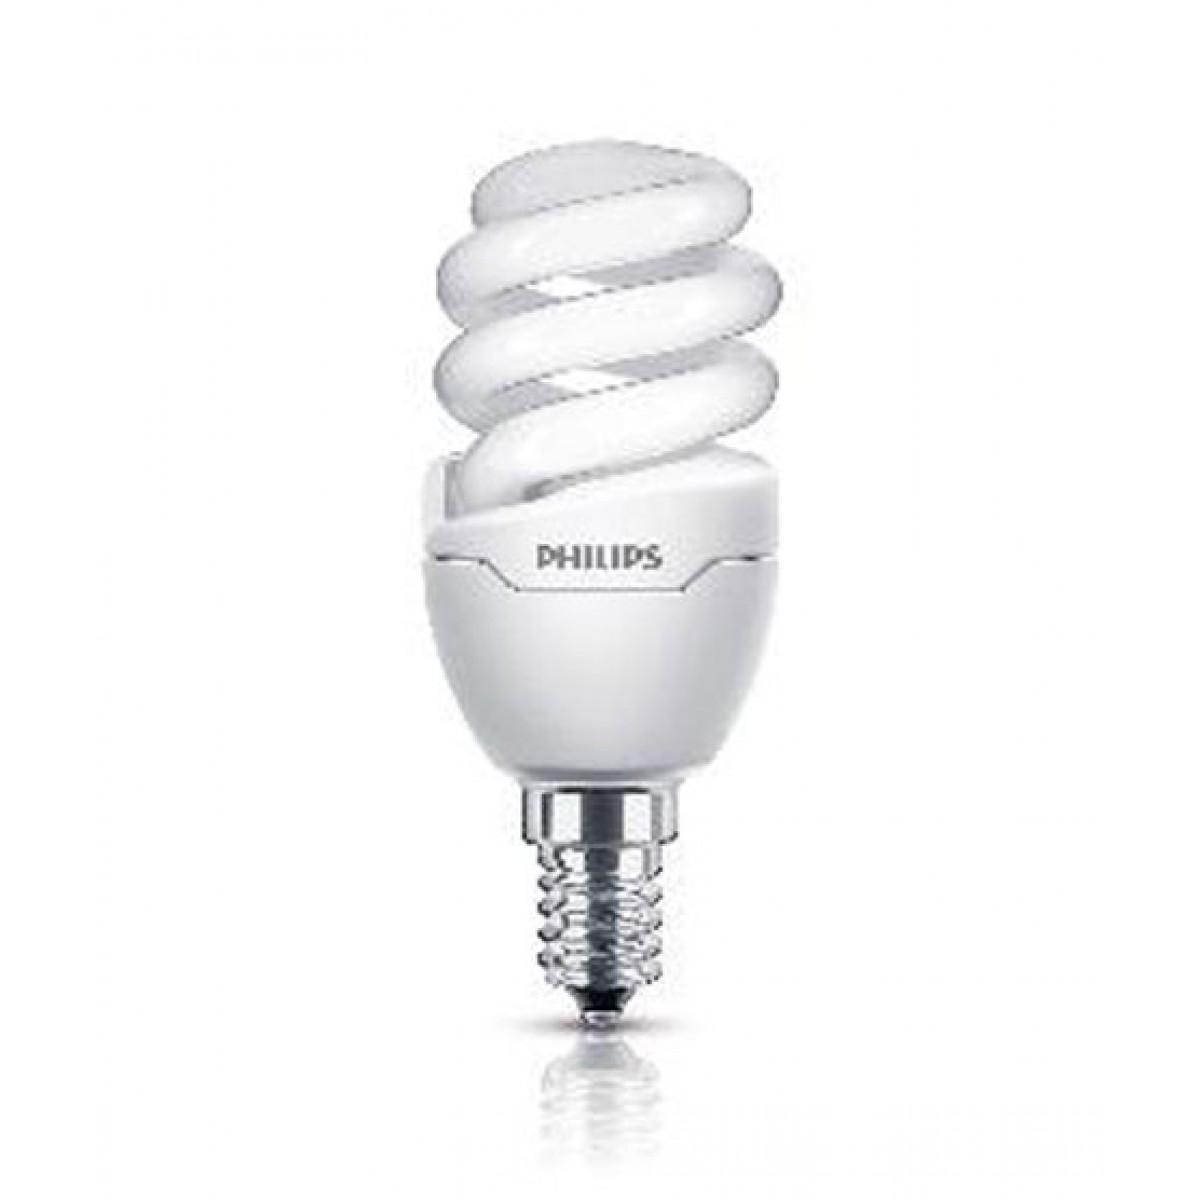 Philips Energy Saver Tornado 12W E14 Cool Day Light 220-240V